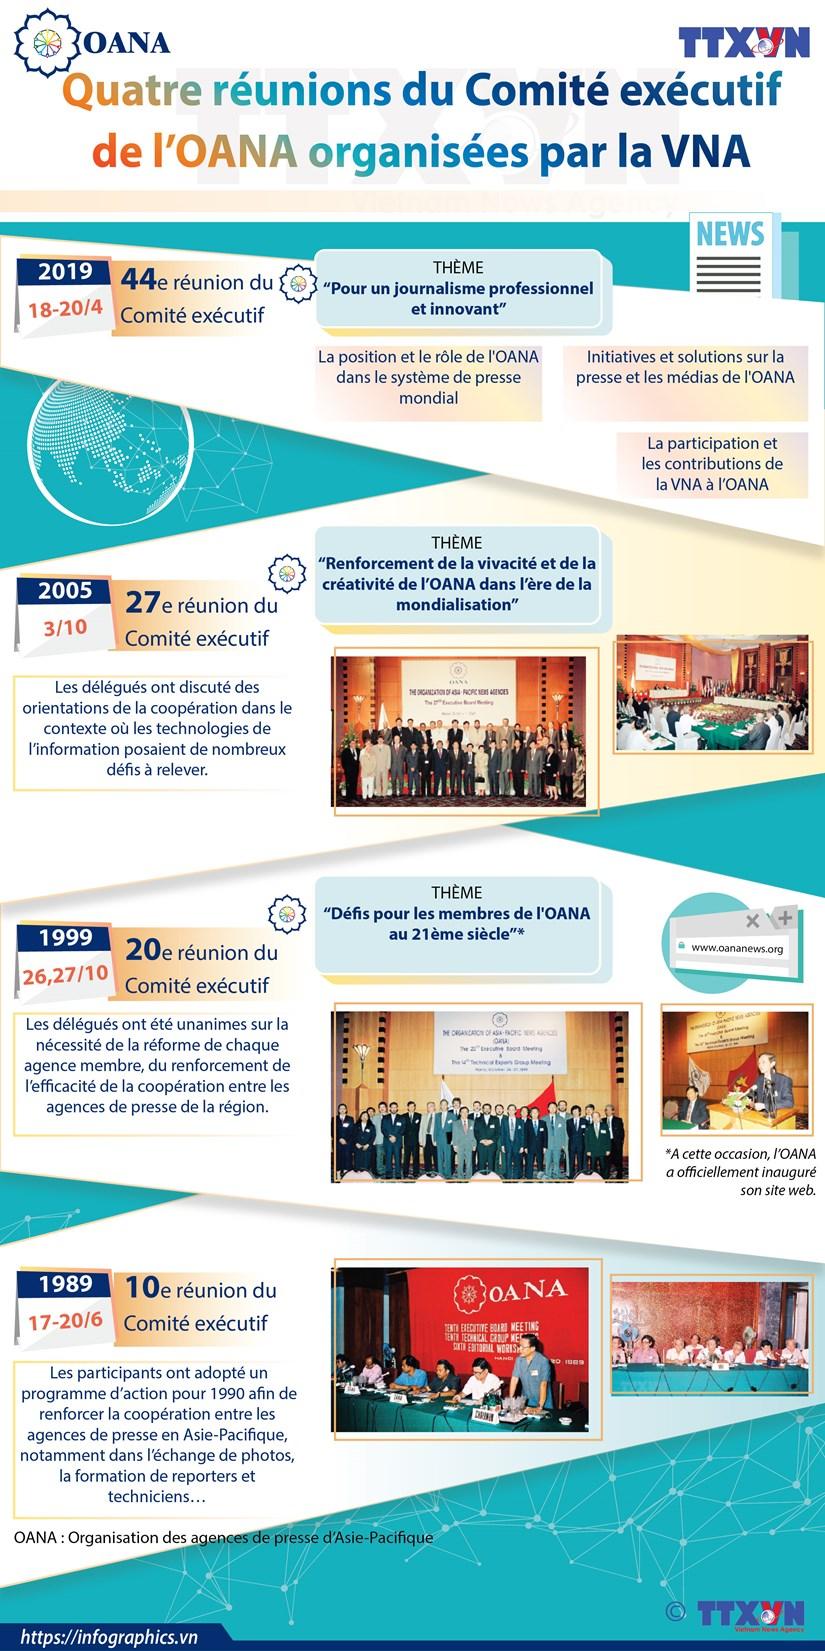 Quatre reunions du Comite executif de l'OANA organisees par la VNA hinh anh 1